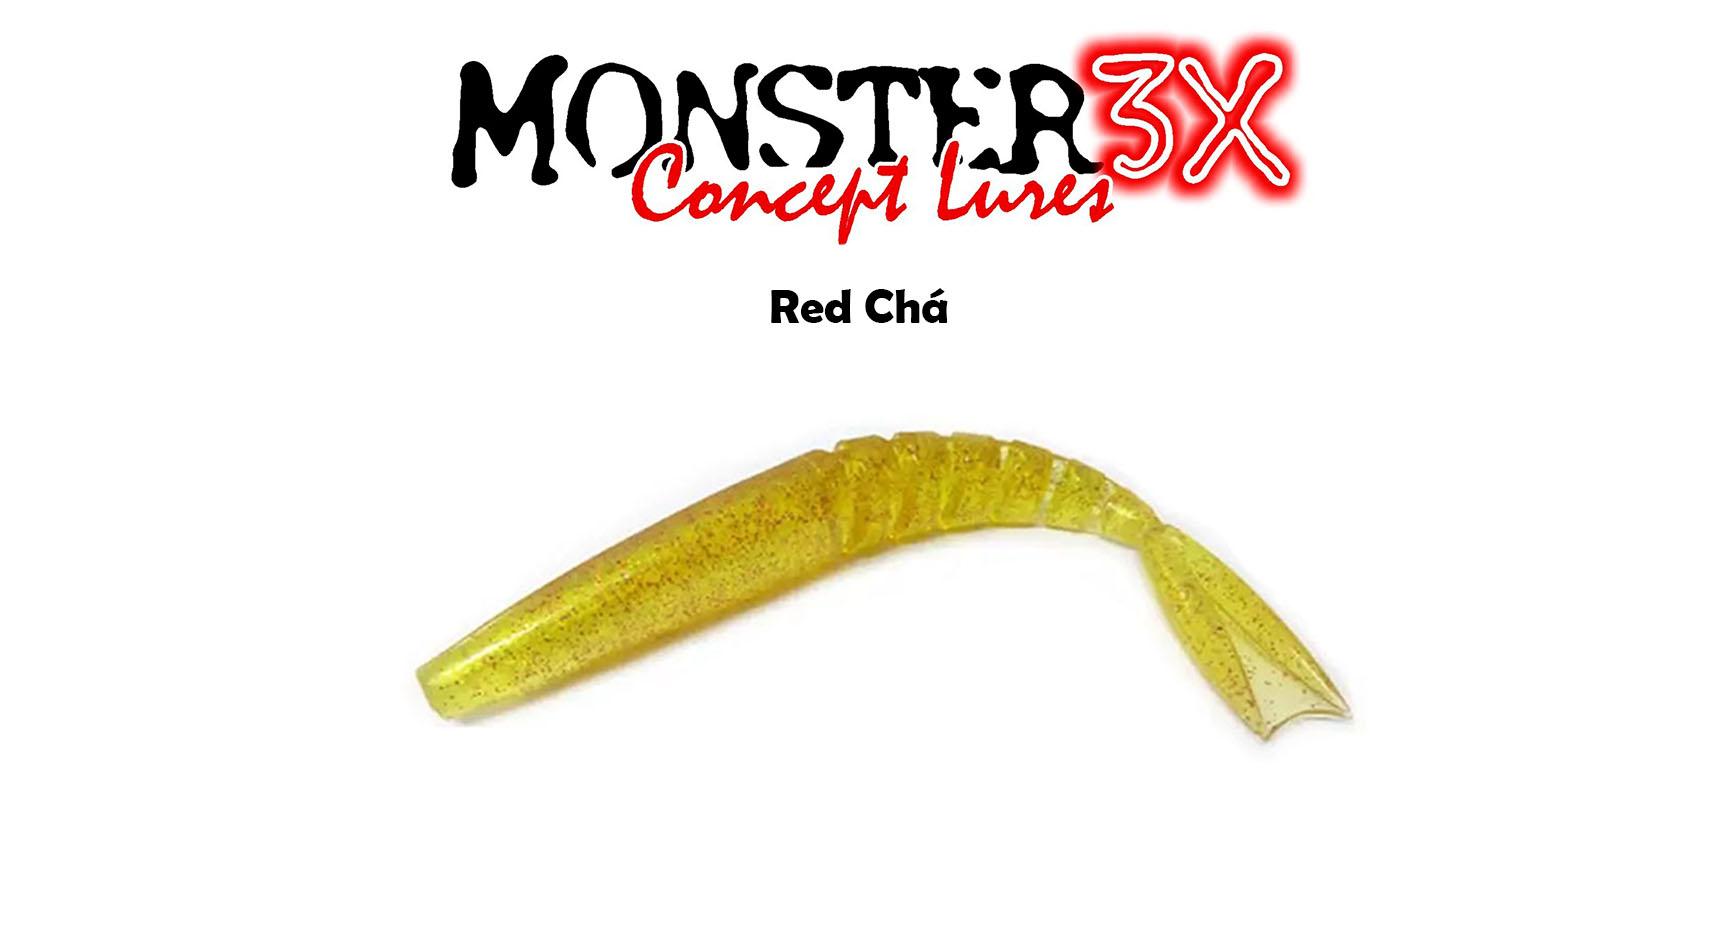 Isca Artificial Soft Monster 3X X-Swim (12 cm) 5 Peças - Várias Cores